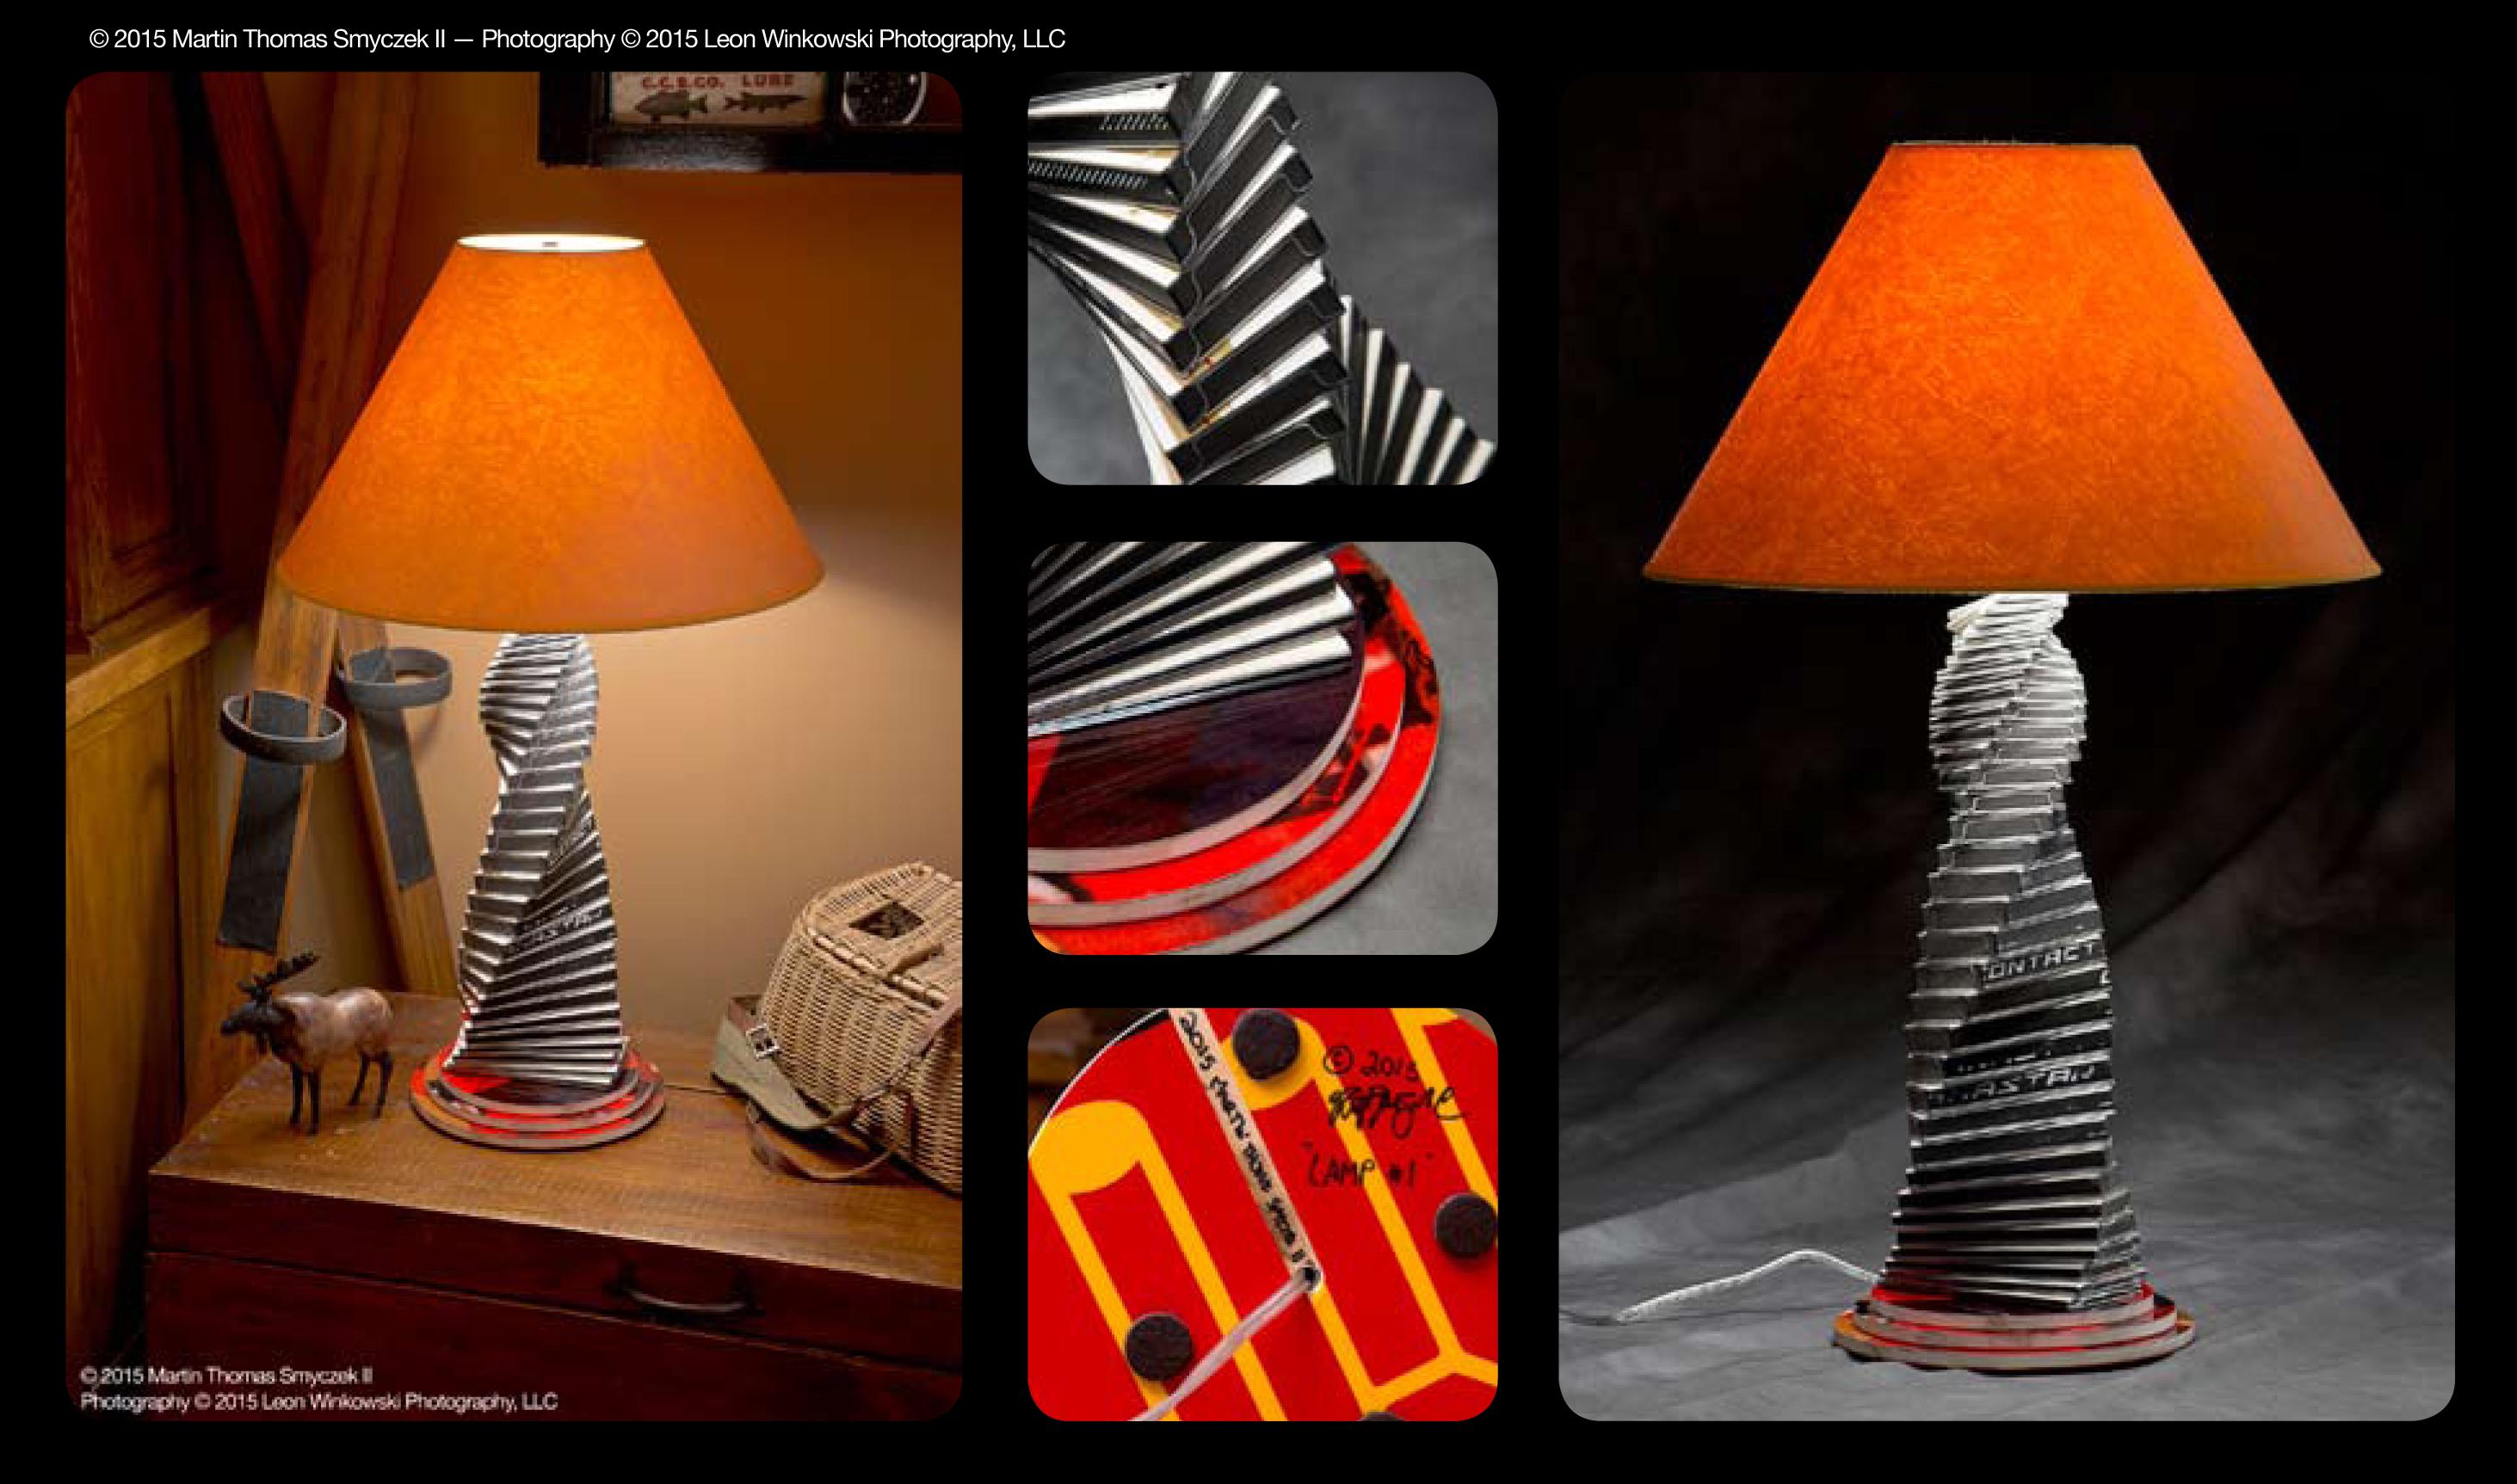 Lamp #1